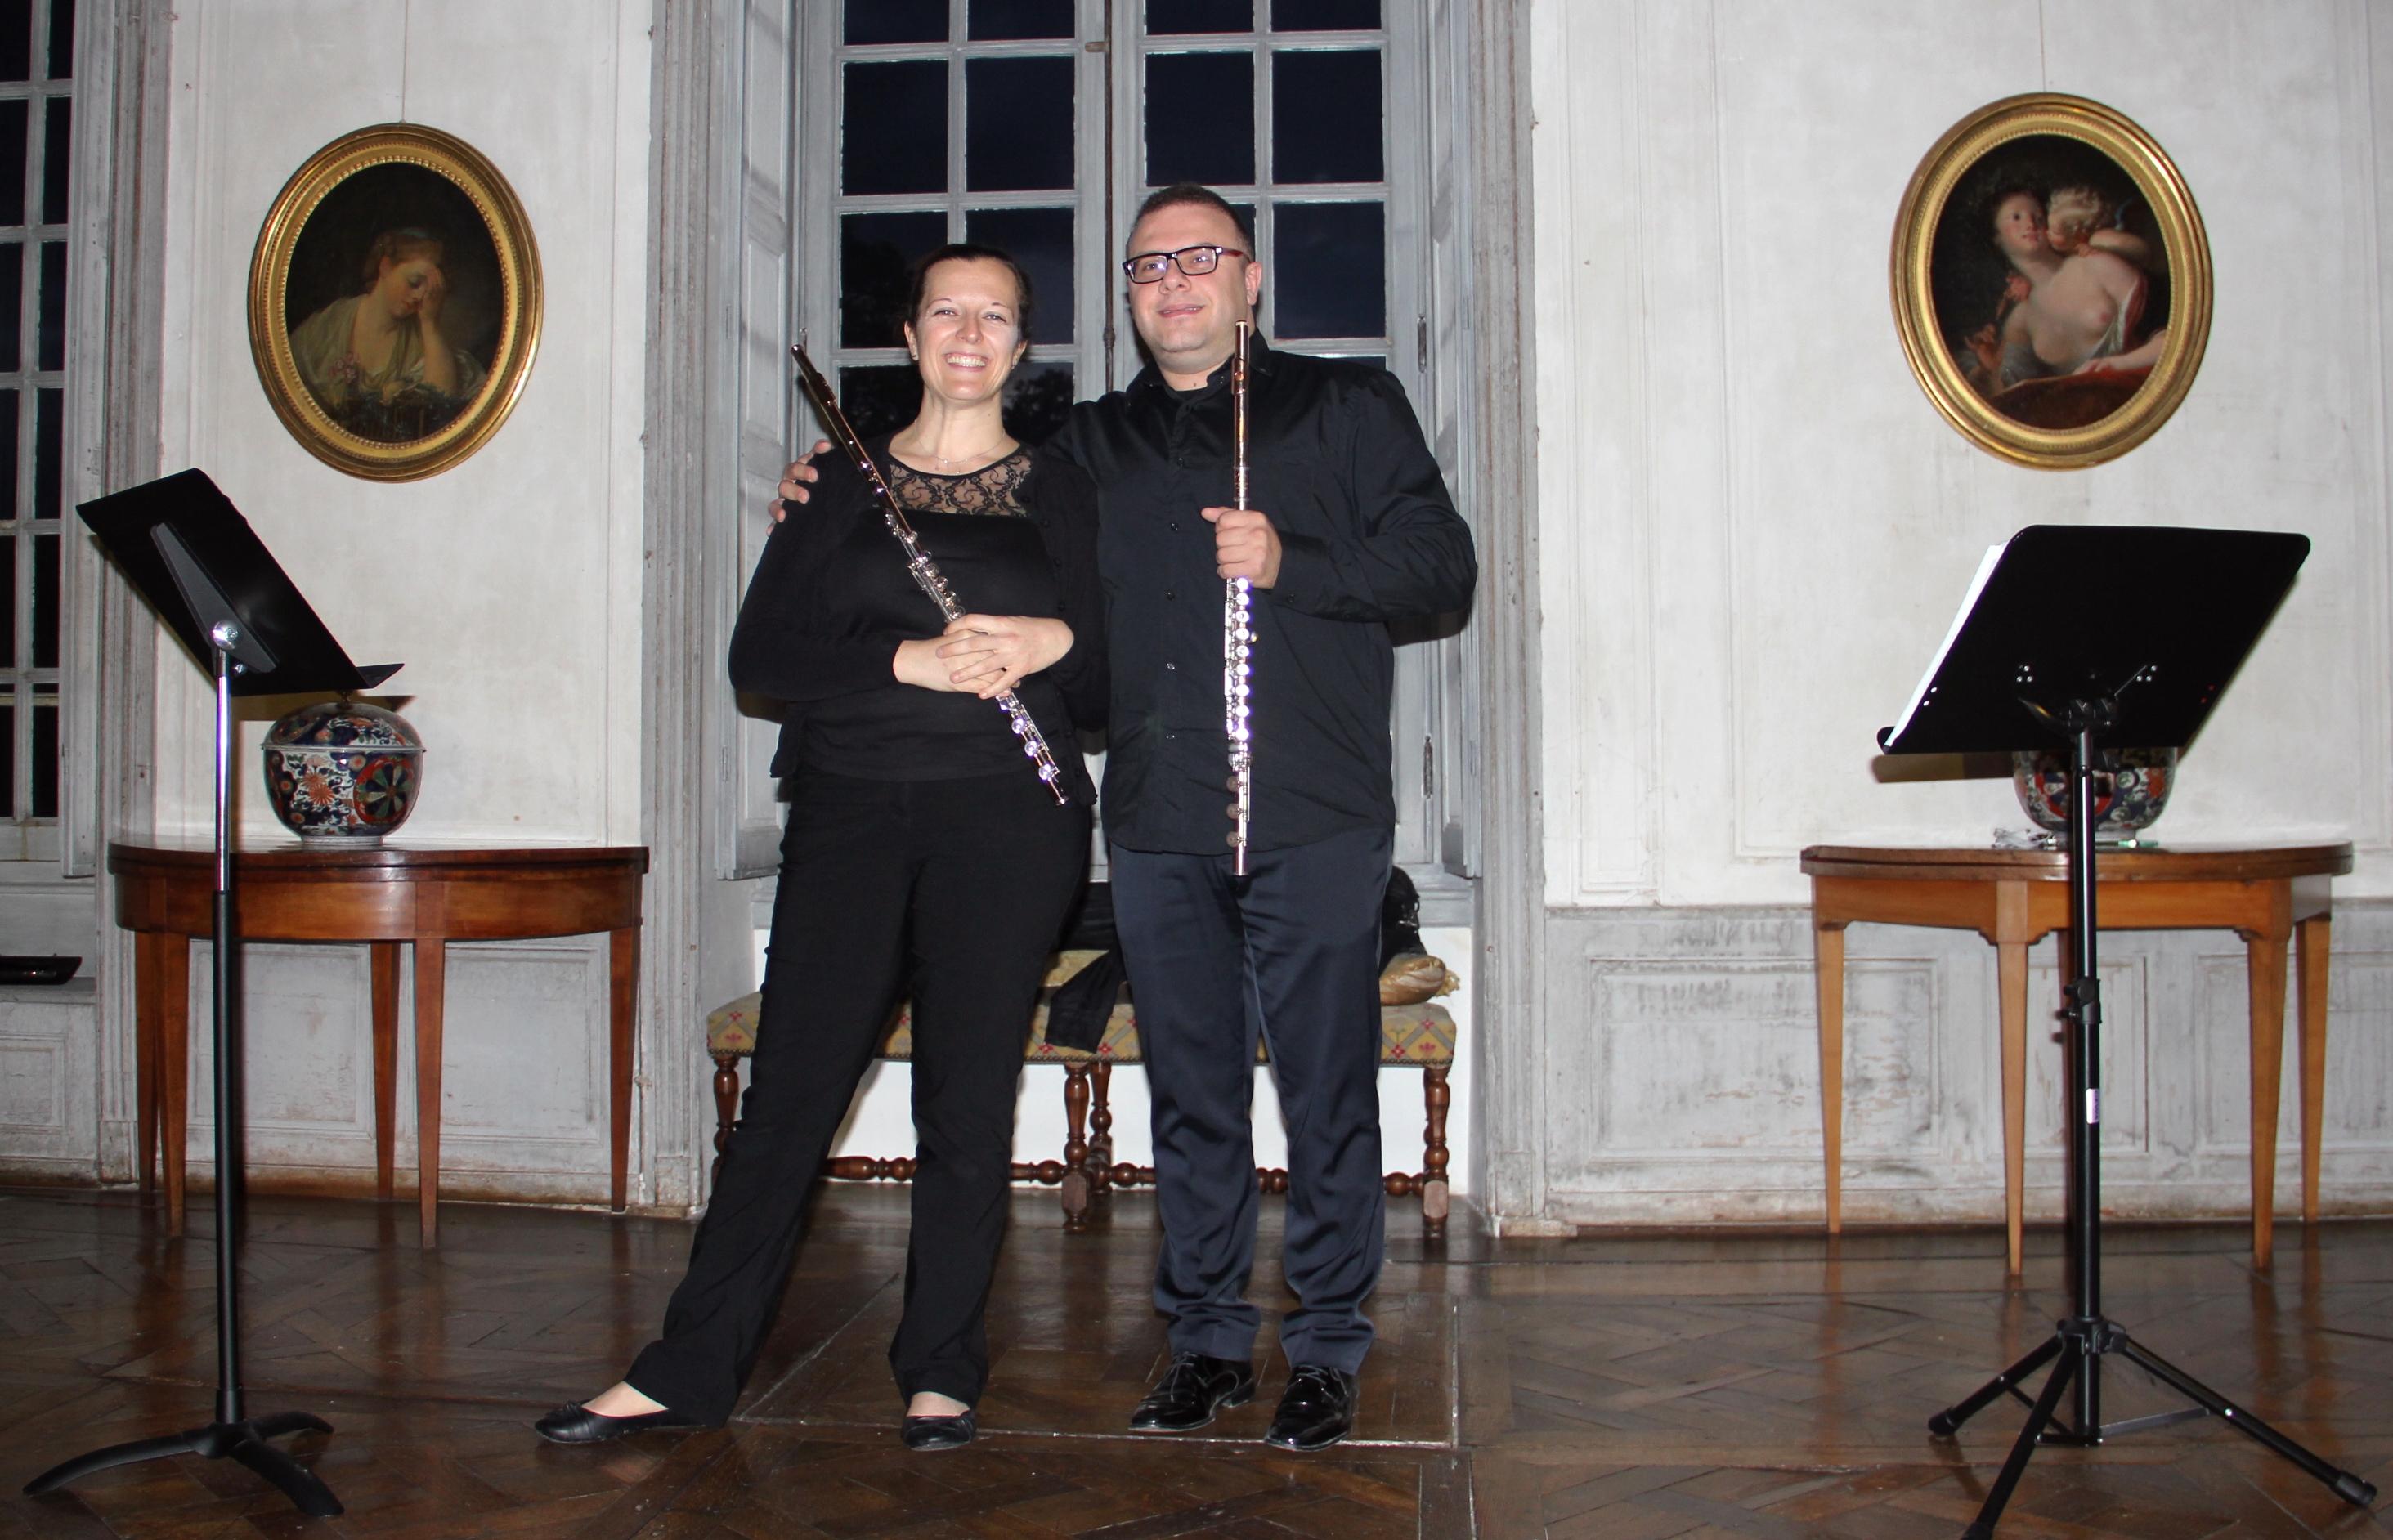 Le concert du duo Doppler dans le grand salon du château